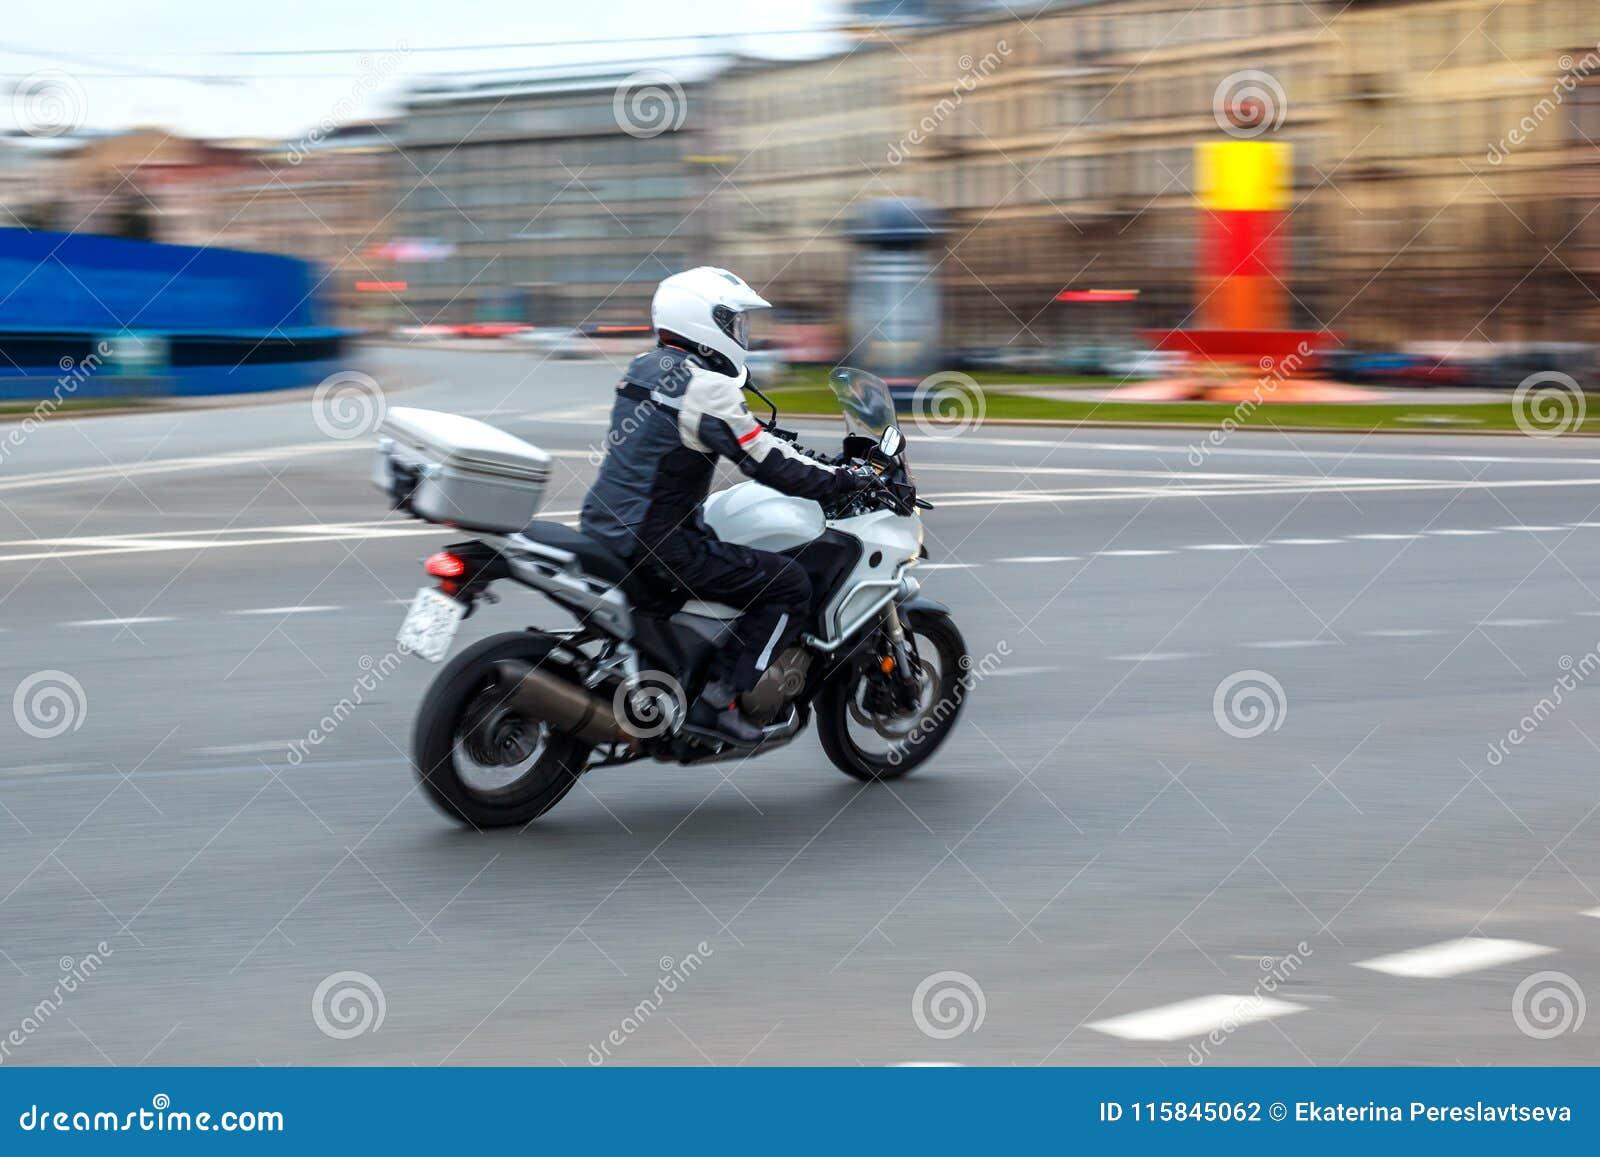 Езды мотоцикла с скоростью на дорогах города